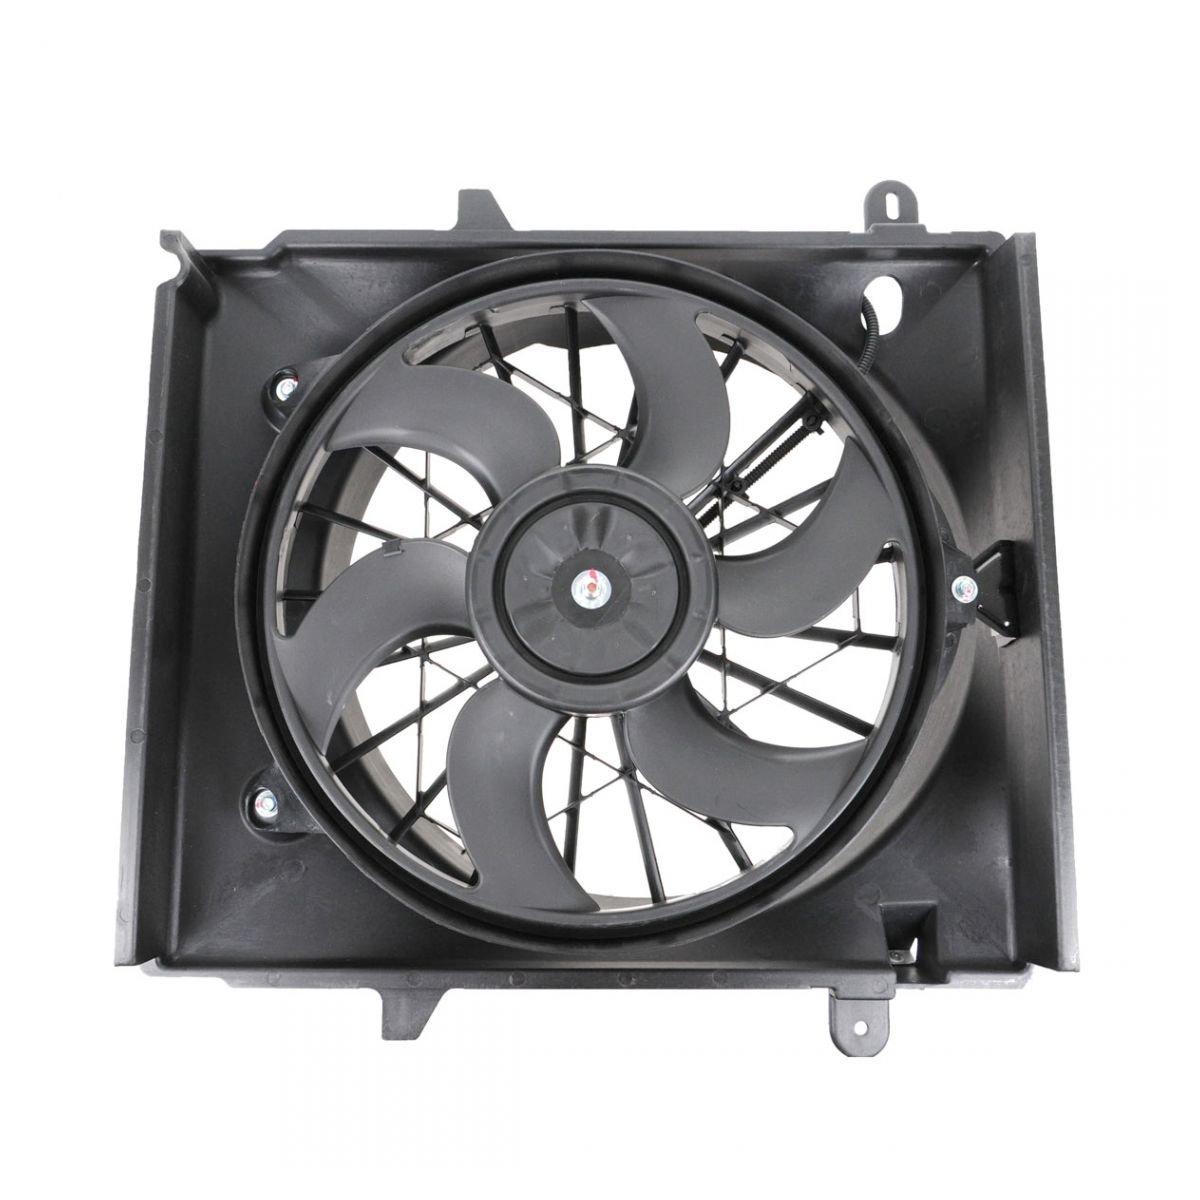 Well Auto Radiator Fan Motor Denso Type 02-04 ACURA NSX V6